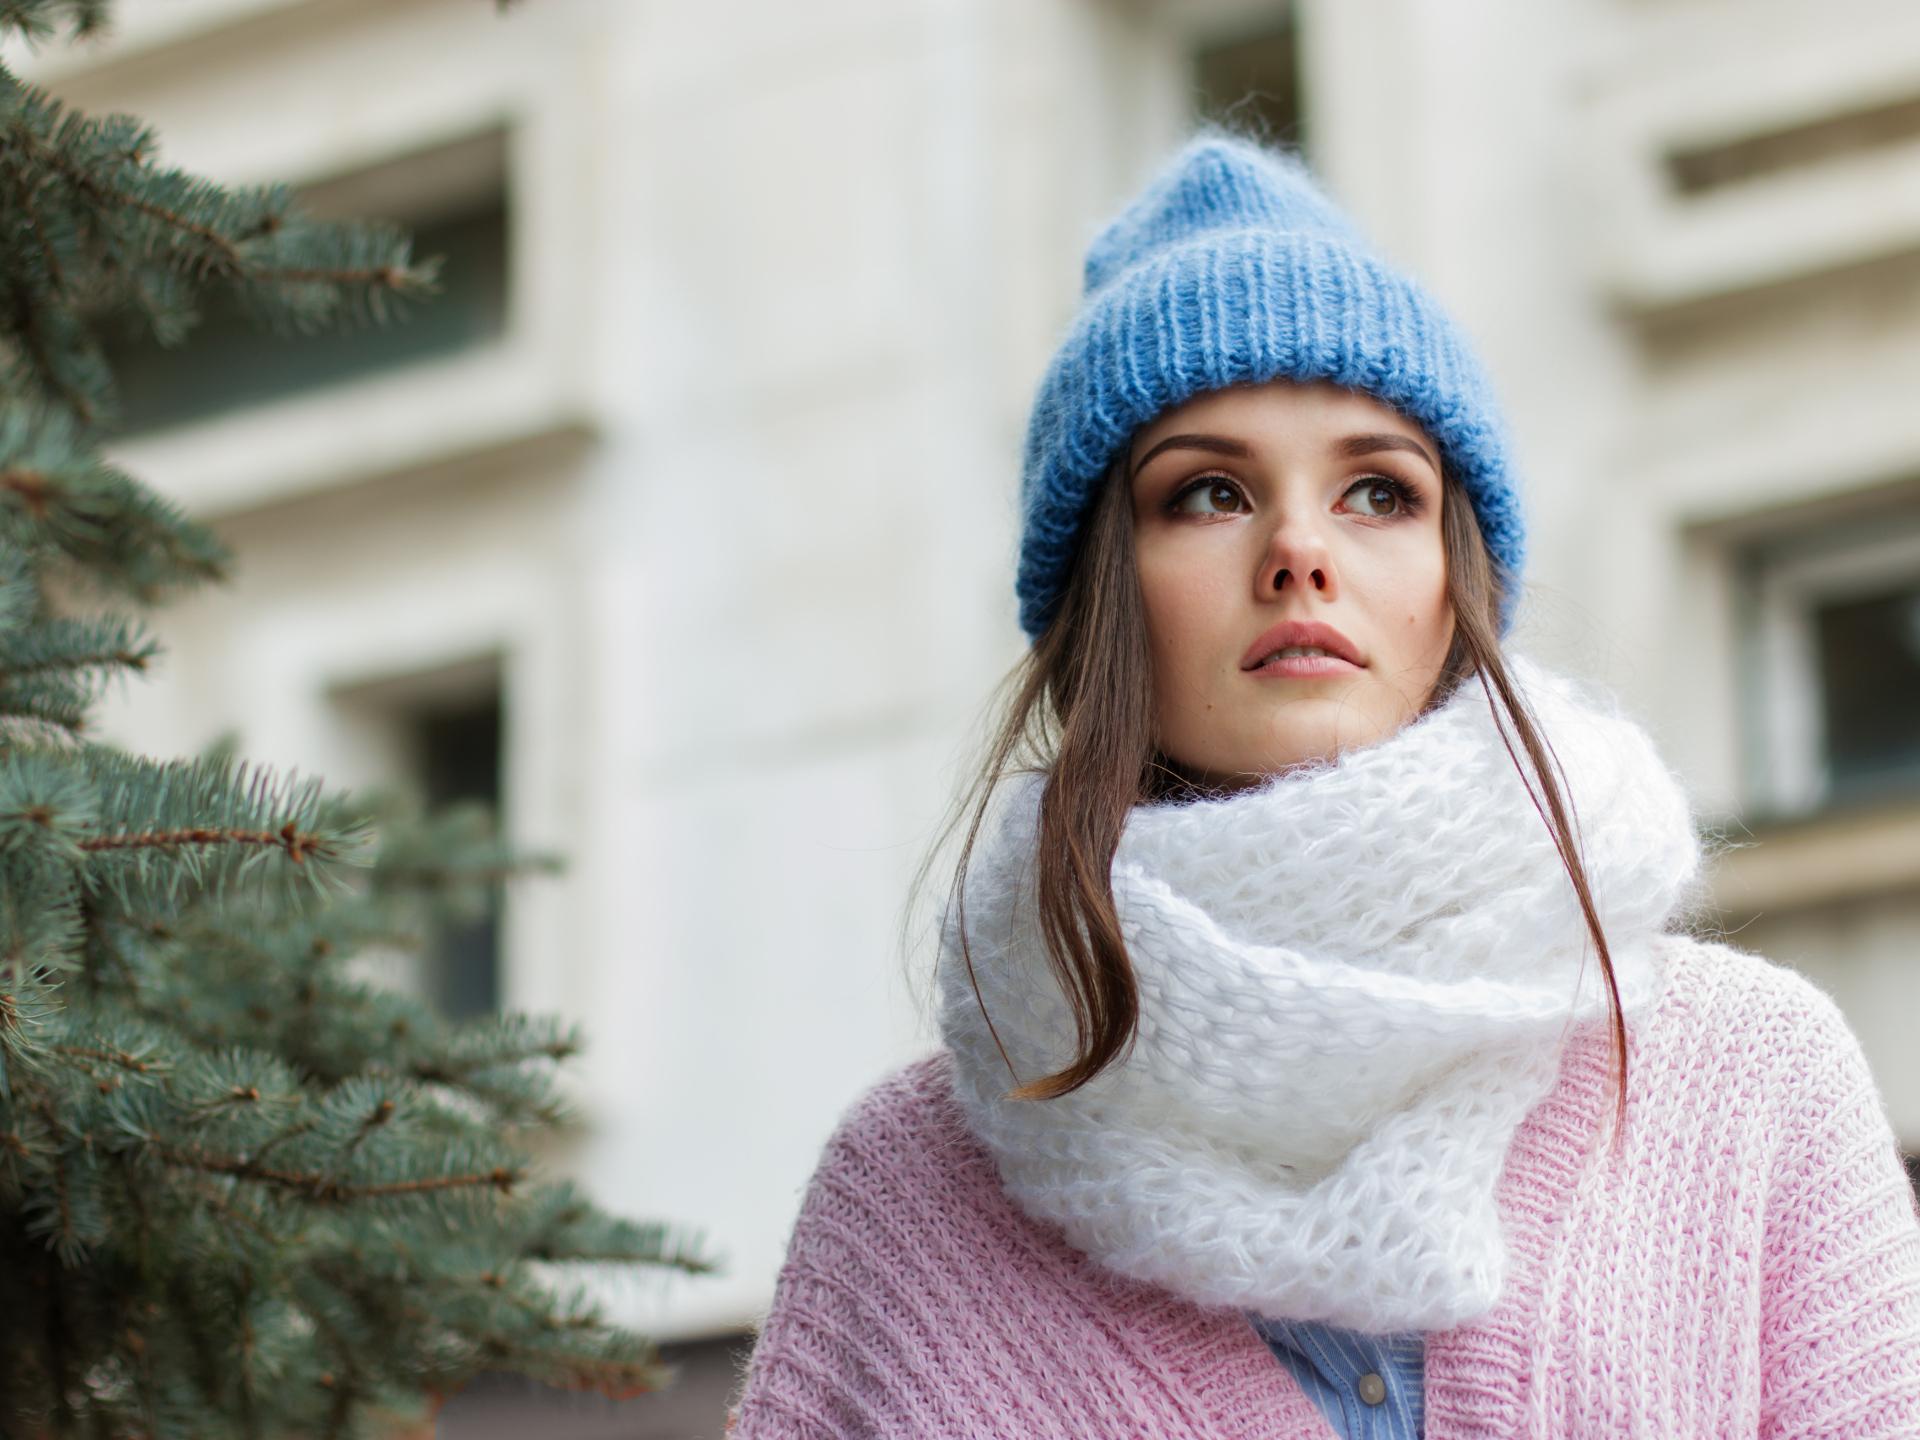 Alles was man im Winter zum warm halten braucht, bekommt man in gestrickter Form. Egal ob Haube, Schal, Jacke oder lange Unterwäsche. - Photocredit: pixabay.com/nastya_gepp